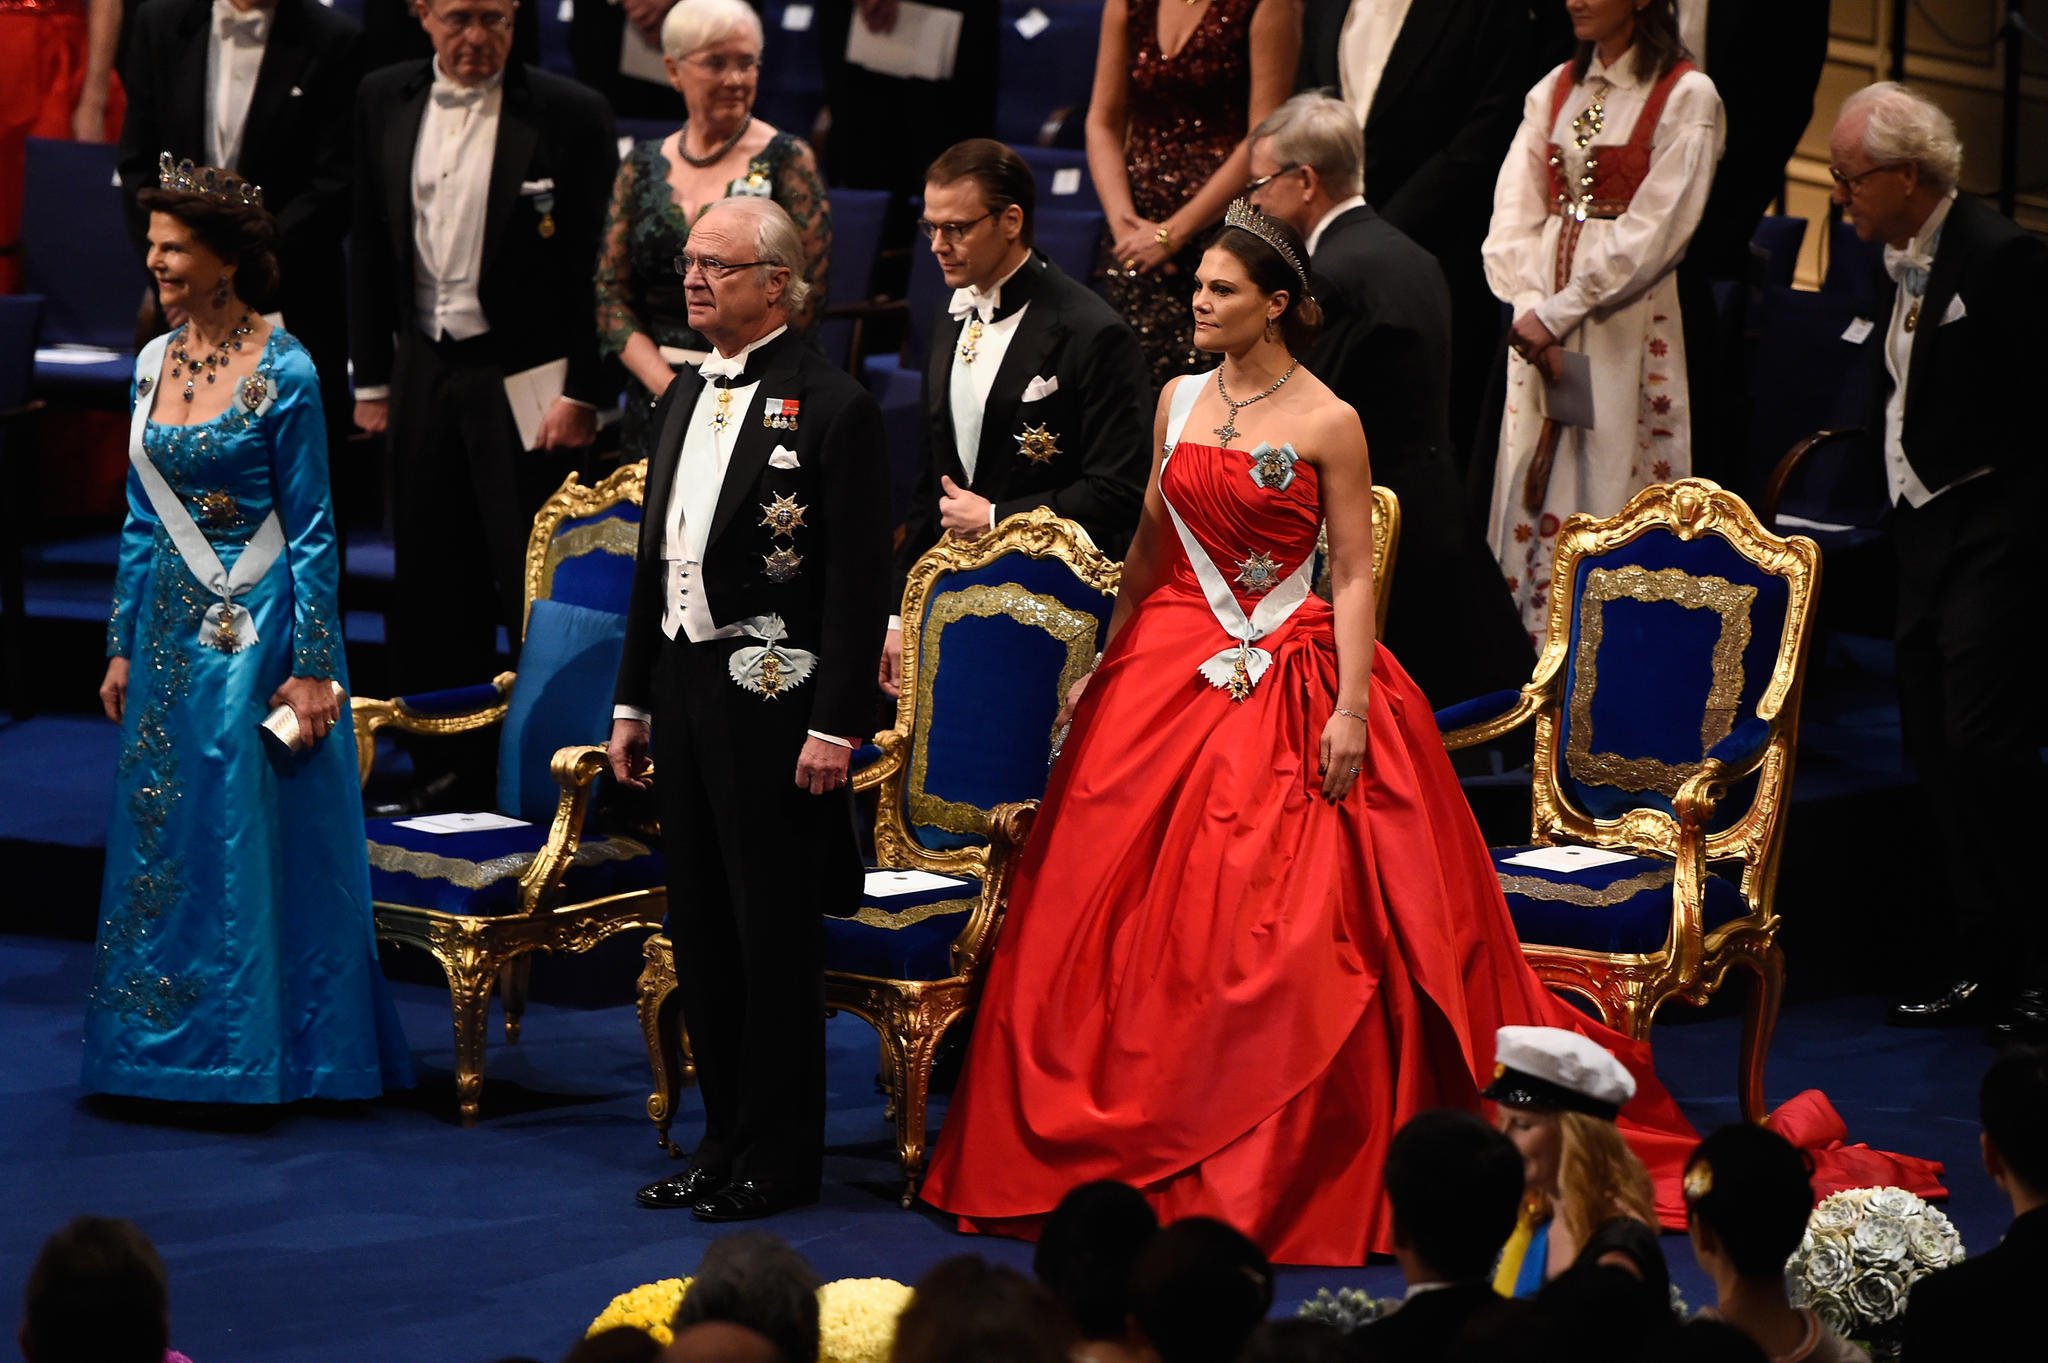 Die schwedischen Royals - Königin Silvia, König Carl Gustaf, Prinz Daniel und Prinzessin Victoria (v.l.n.r.)- sind verhindert